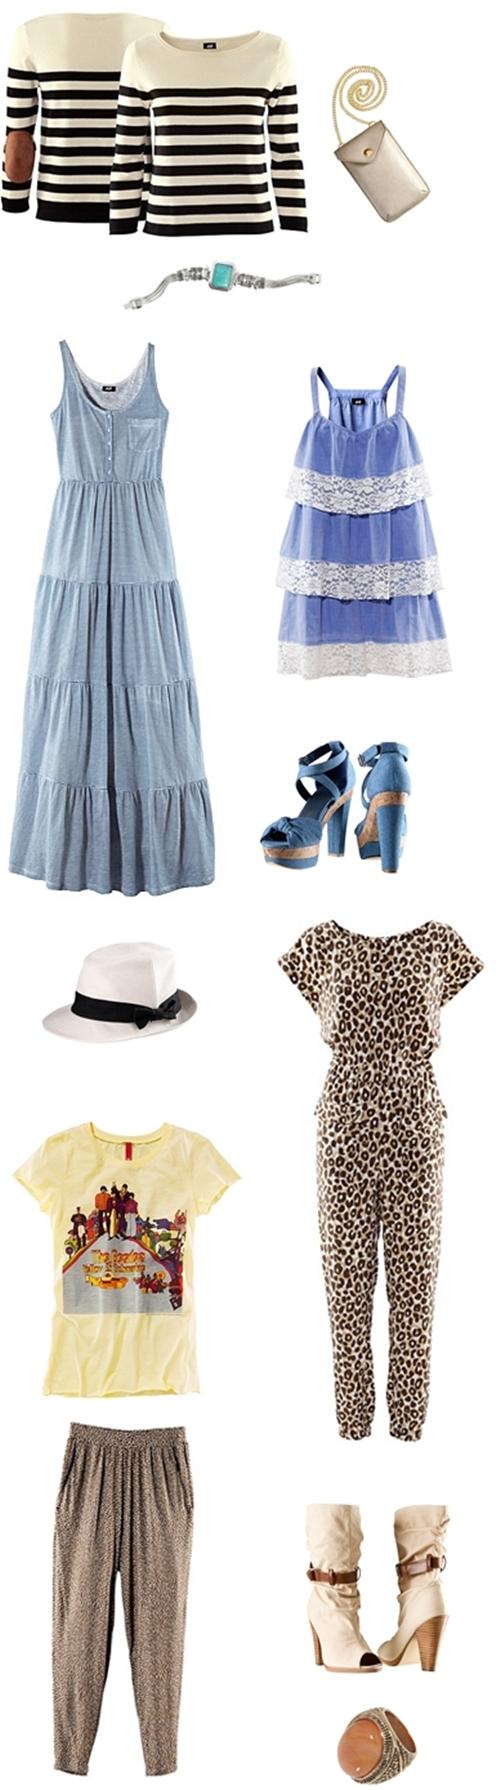 H&M spring, H&M forår, lyseblå maxikjole, leopard dragt, hvid hat, white hat, hm forår 2011